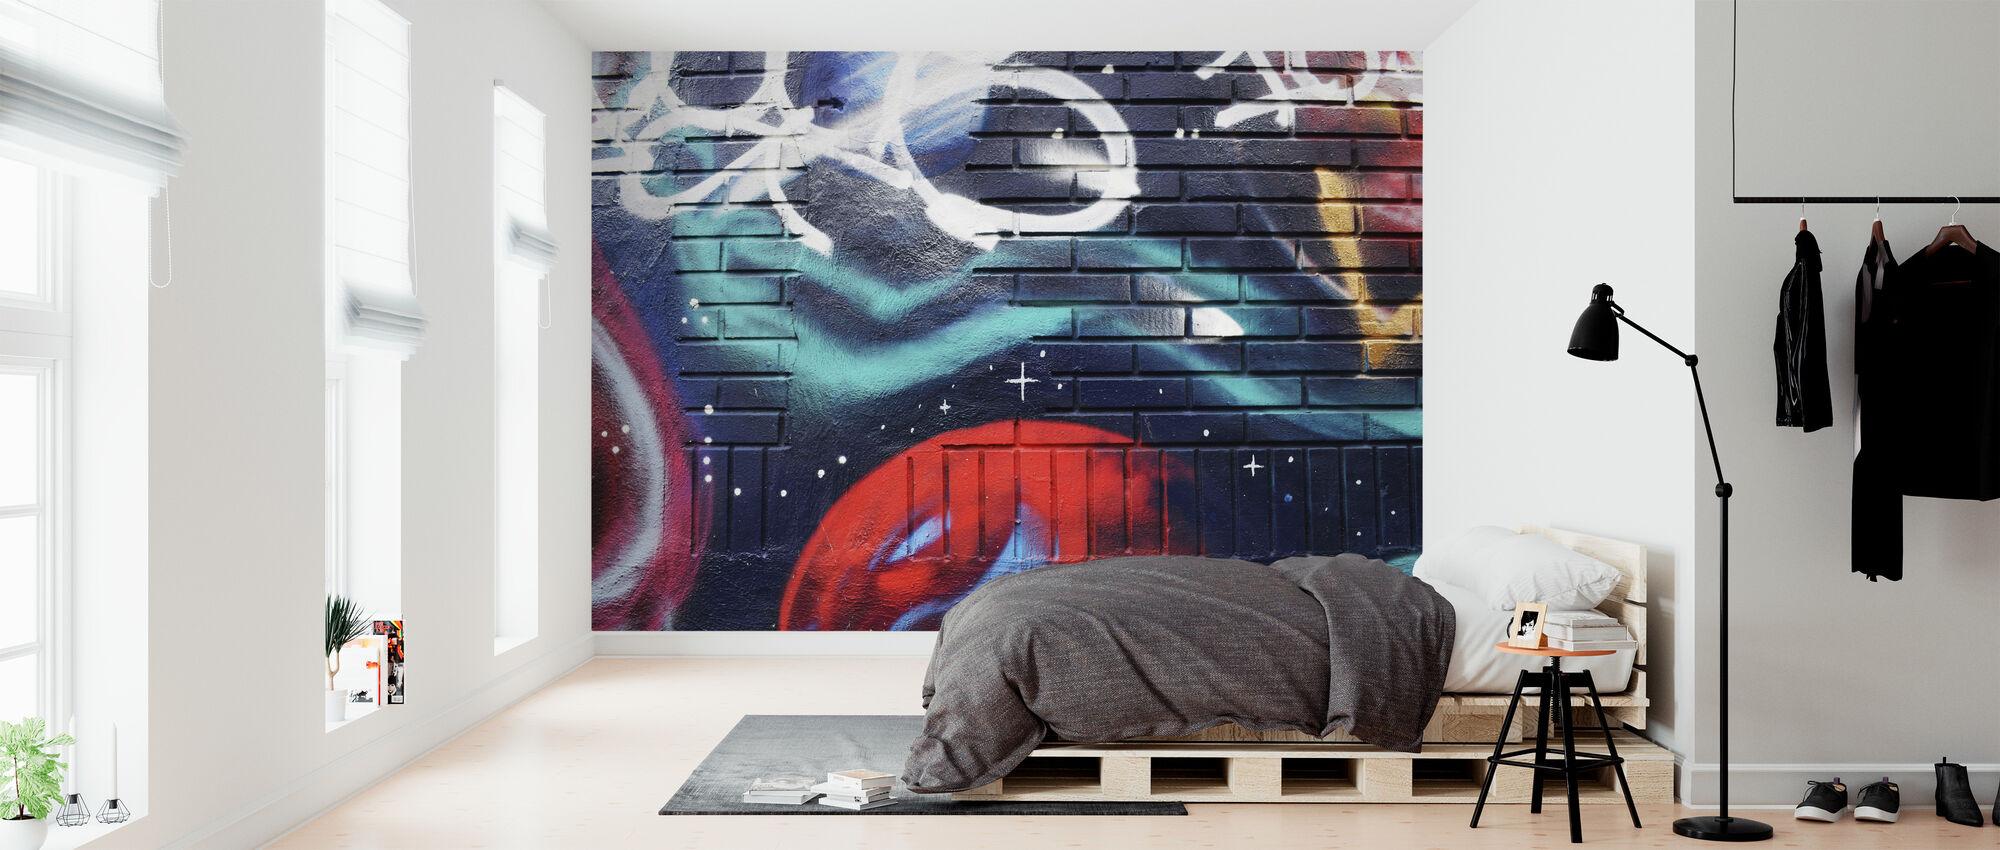 Dark Wall Graffiti - Wallpaper - Bedroom